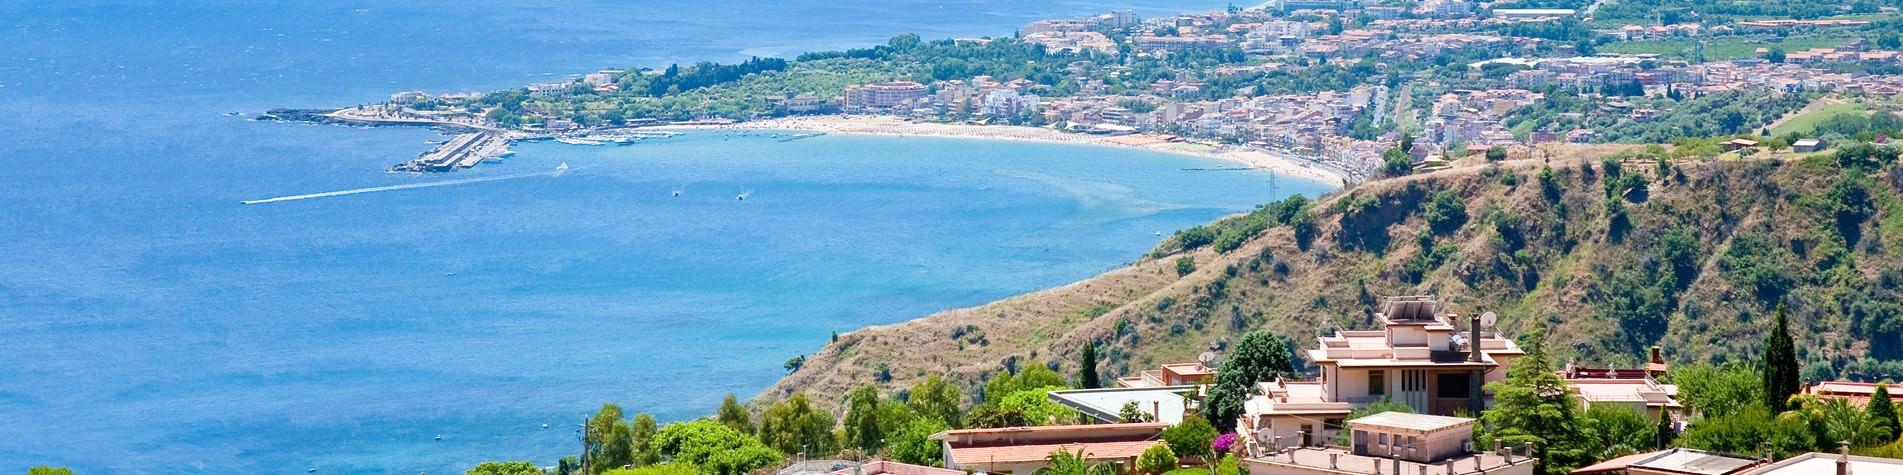 Naxos Island Holidays Specialists